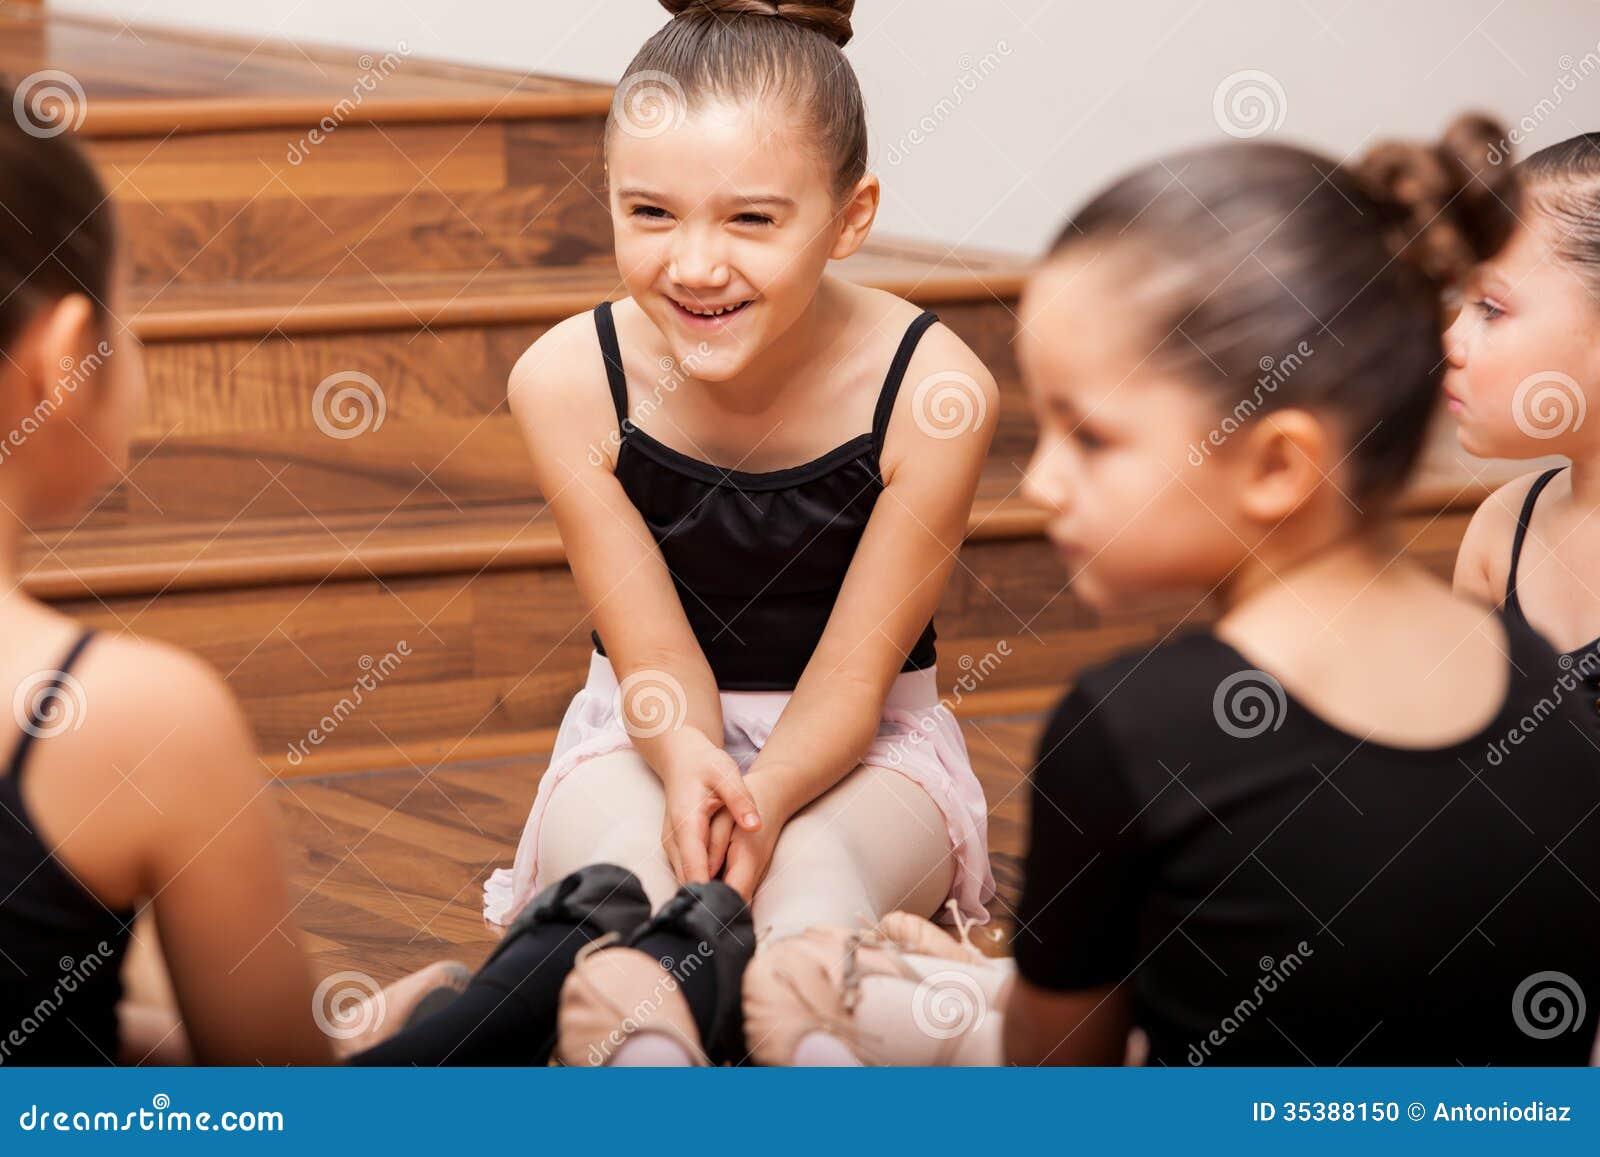 获得乐趣在舞蹈课期间